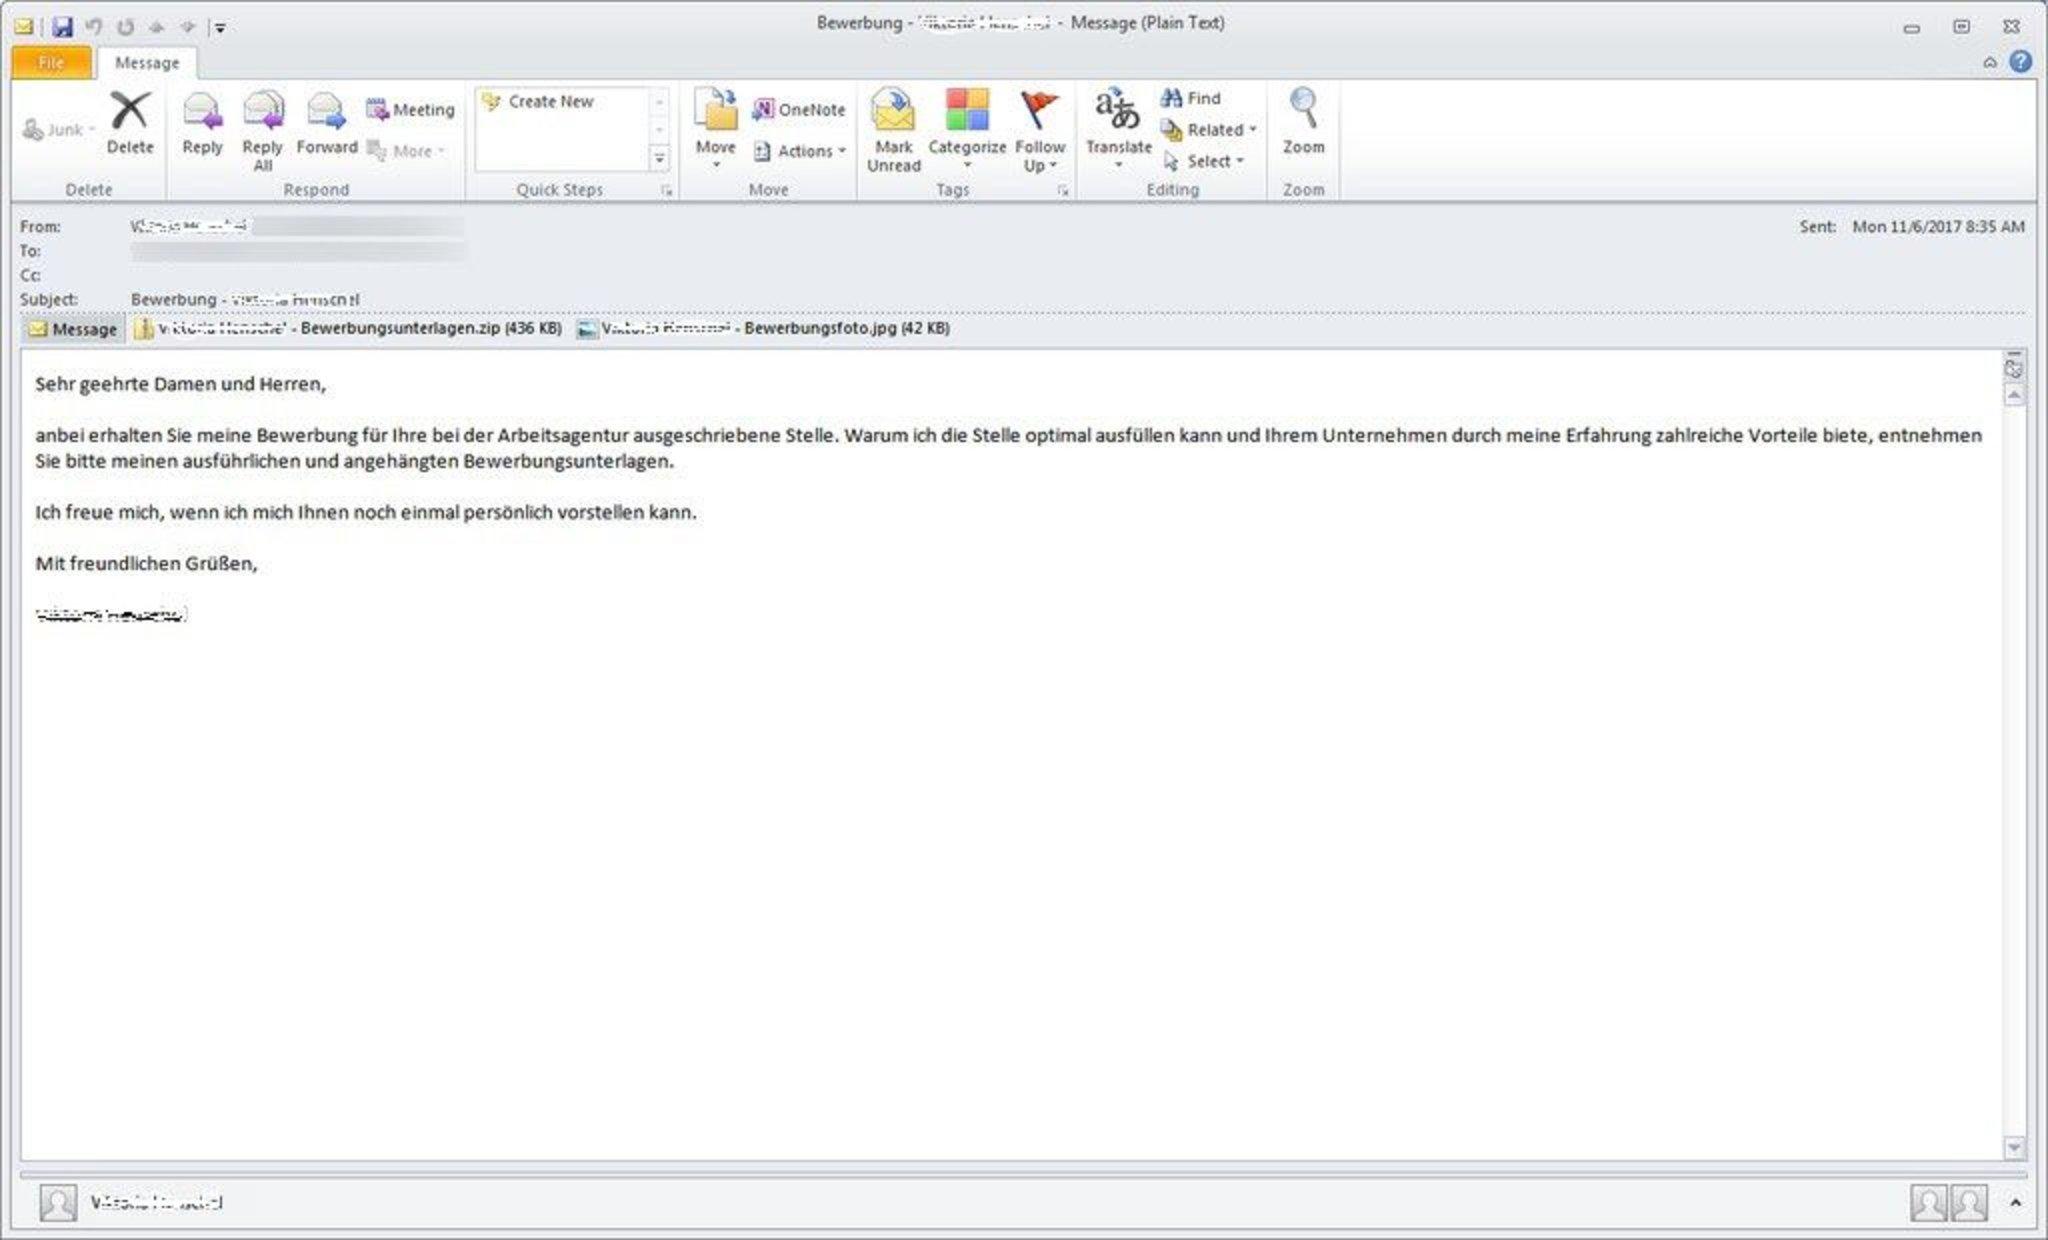 Polizei warnt vor gefährlichen E-Mails: Falsche Bewerbungen enthalten  Computerviren - Bruchsal